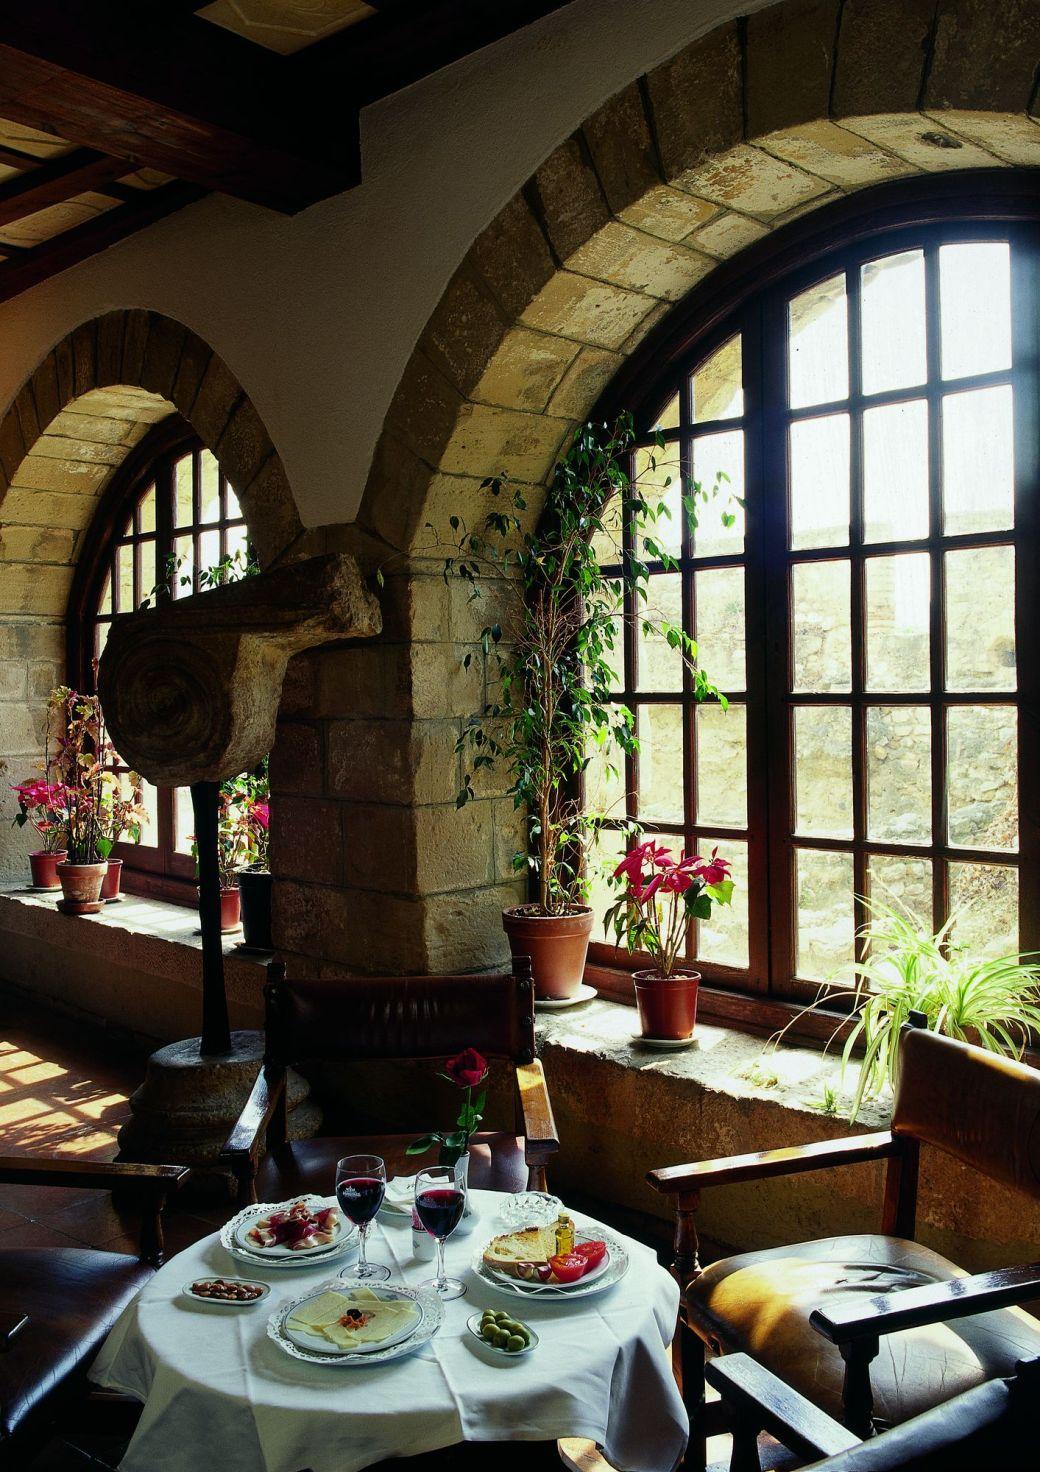 ресторан отеля-парадора в тортозе. tortosa terres de l'ebre_redtalk